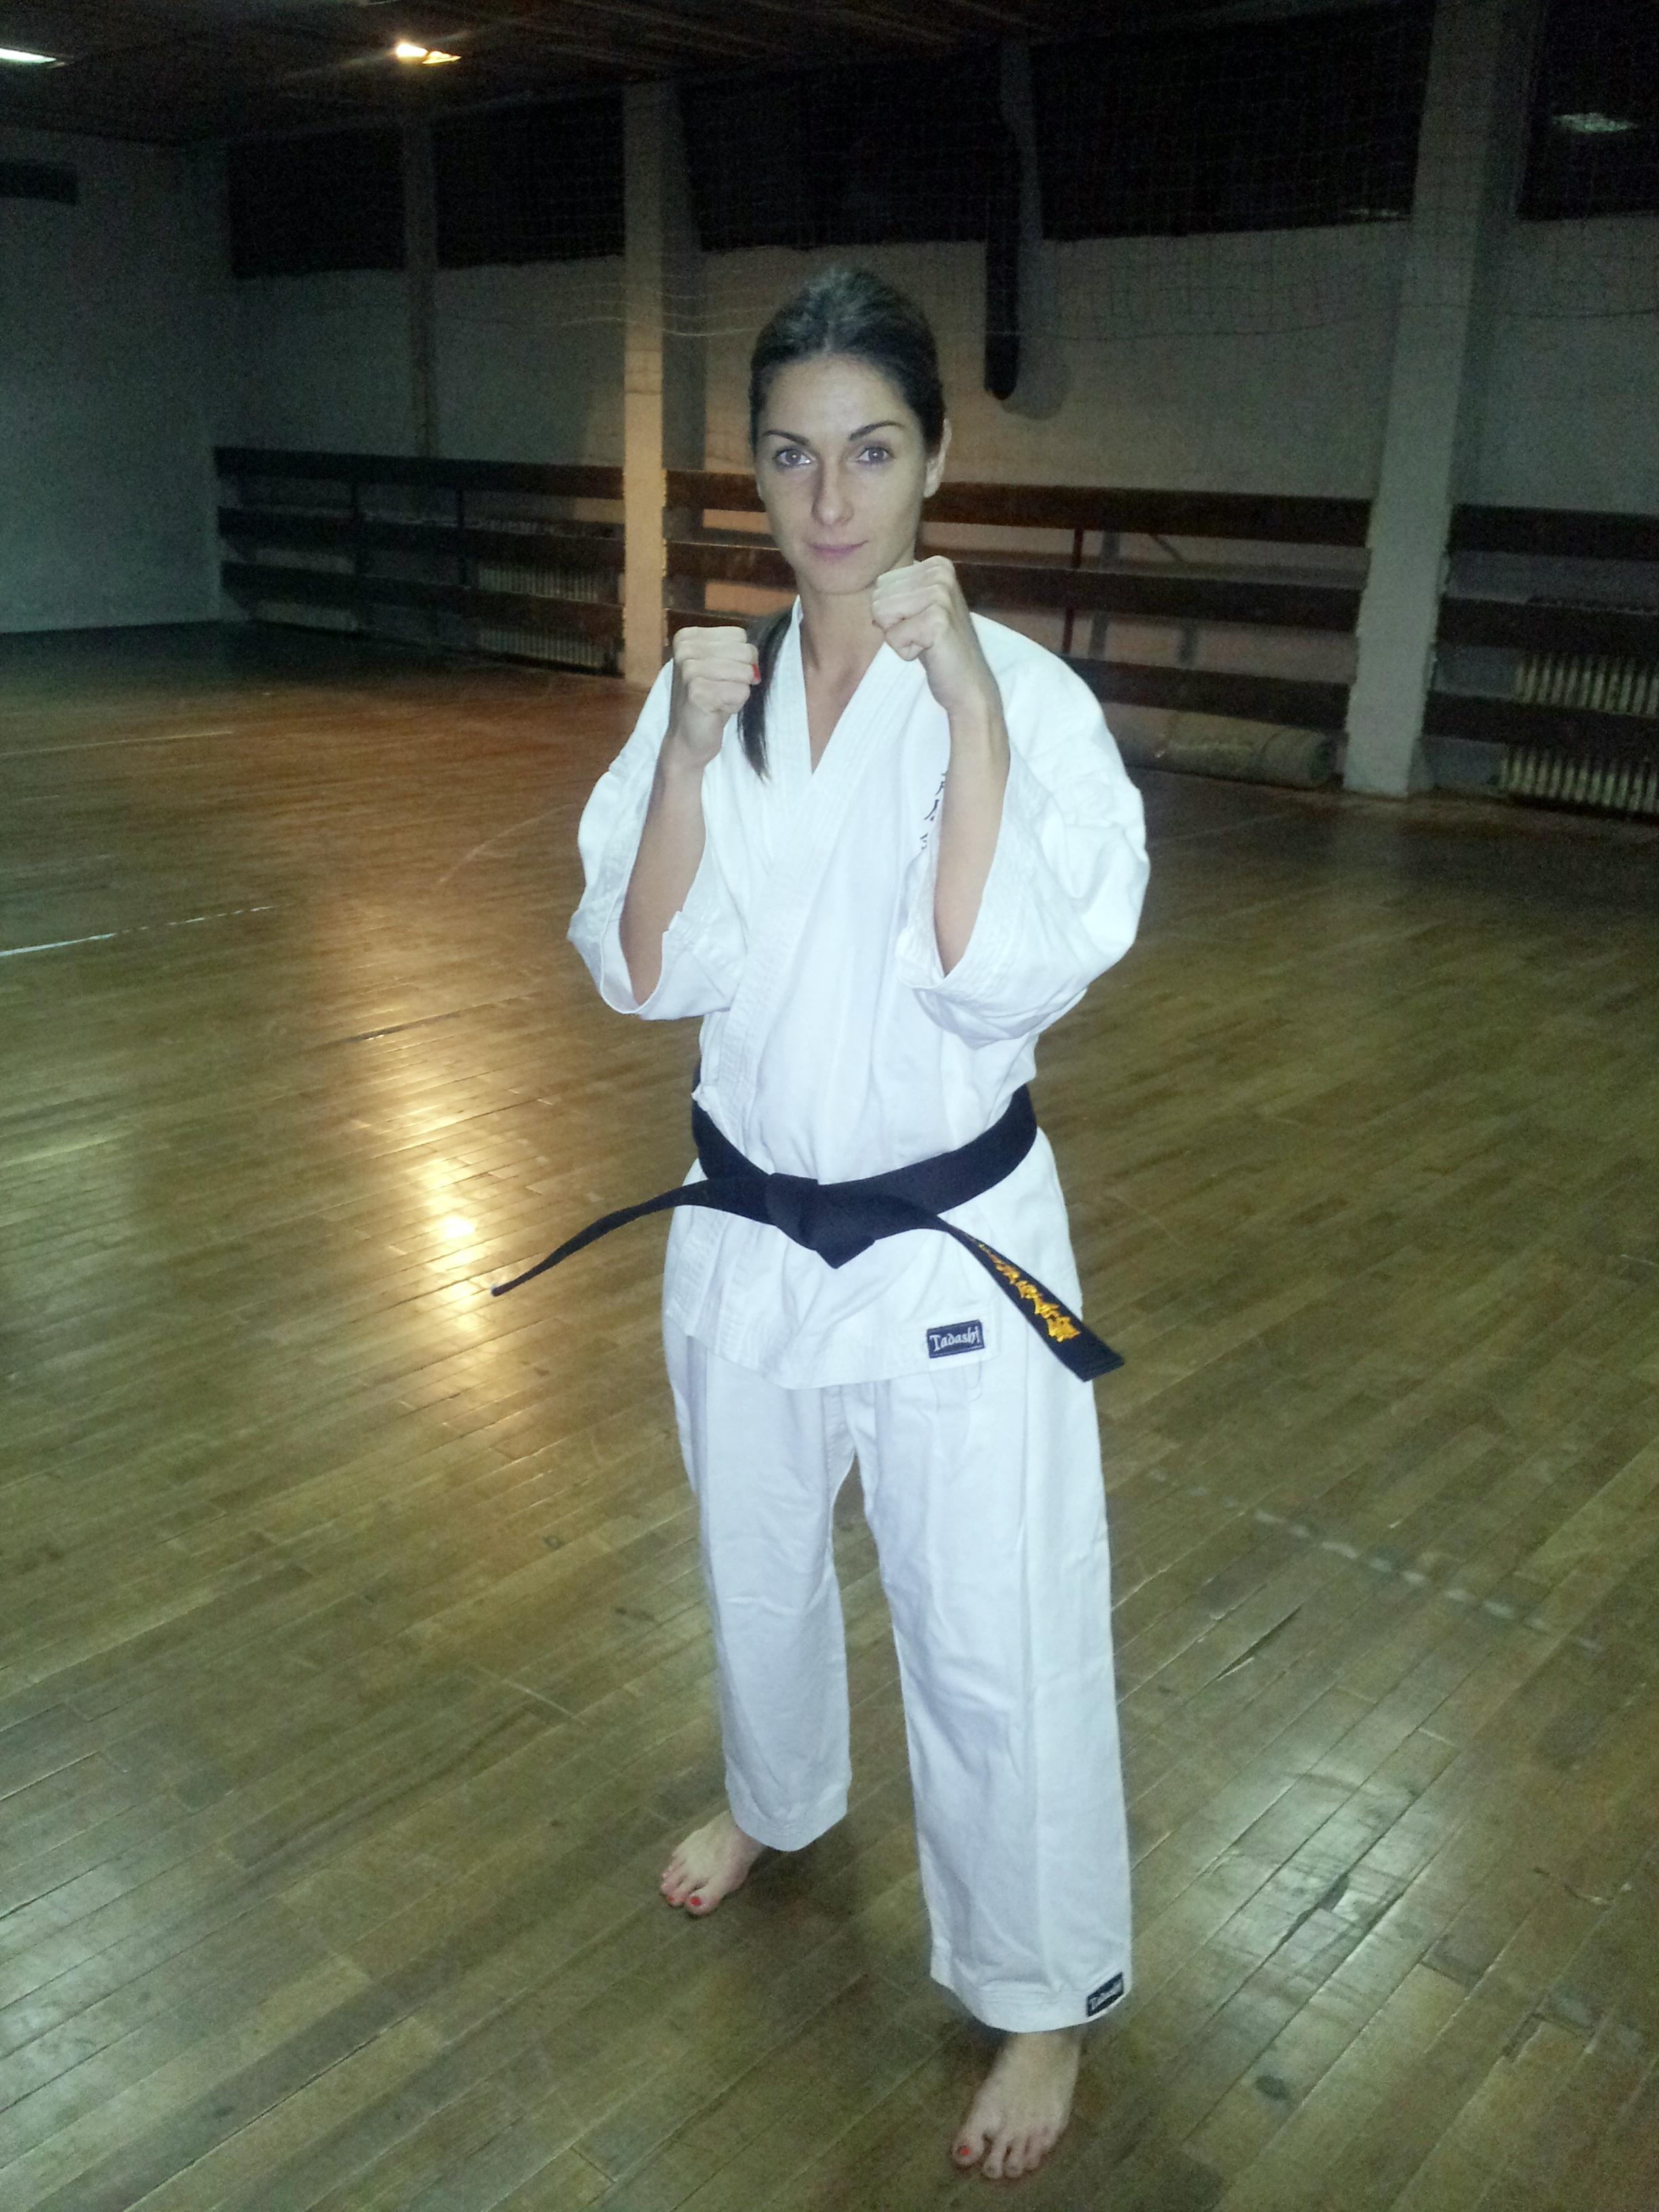 novosti ashihara kaikan savez srbije ashihara karate ashihara sandra spasic